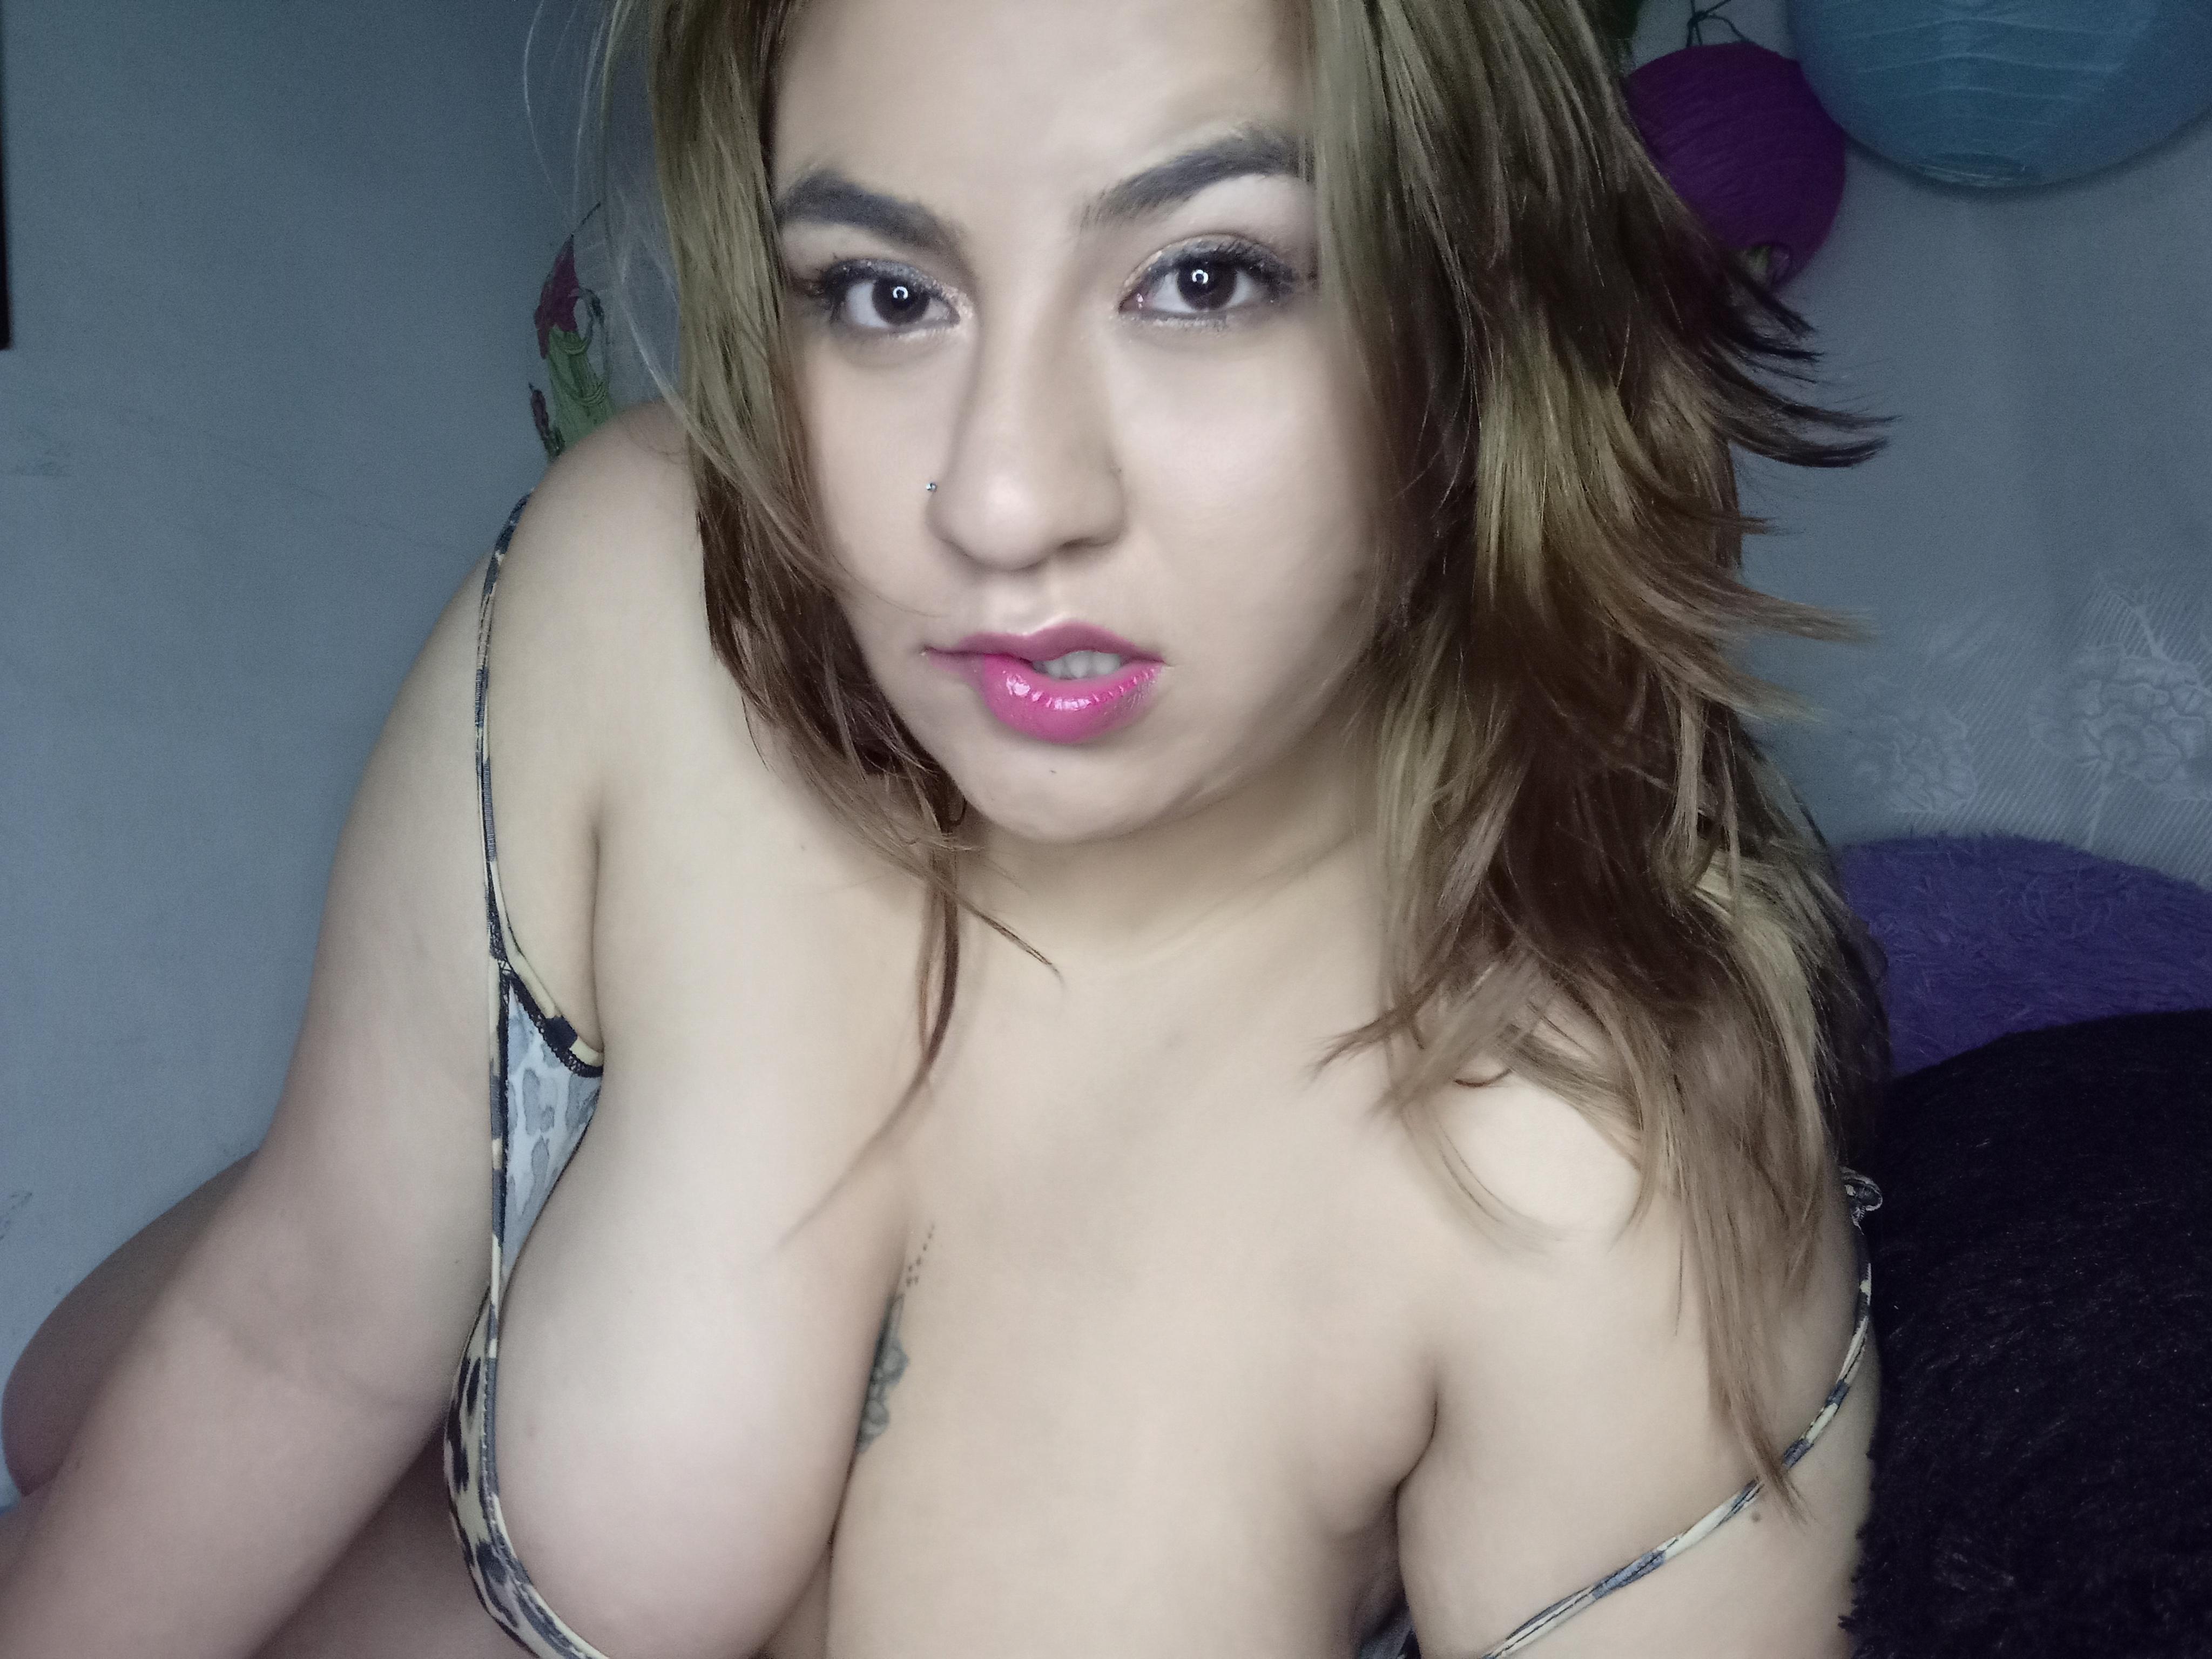 MILF harcore porno